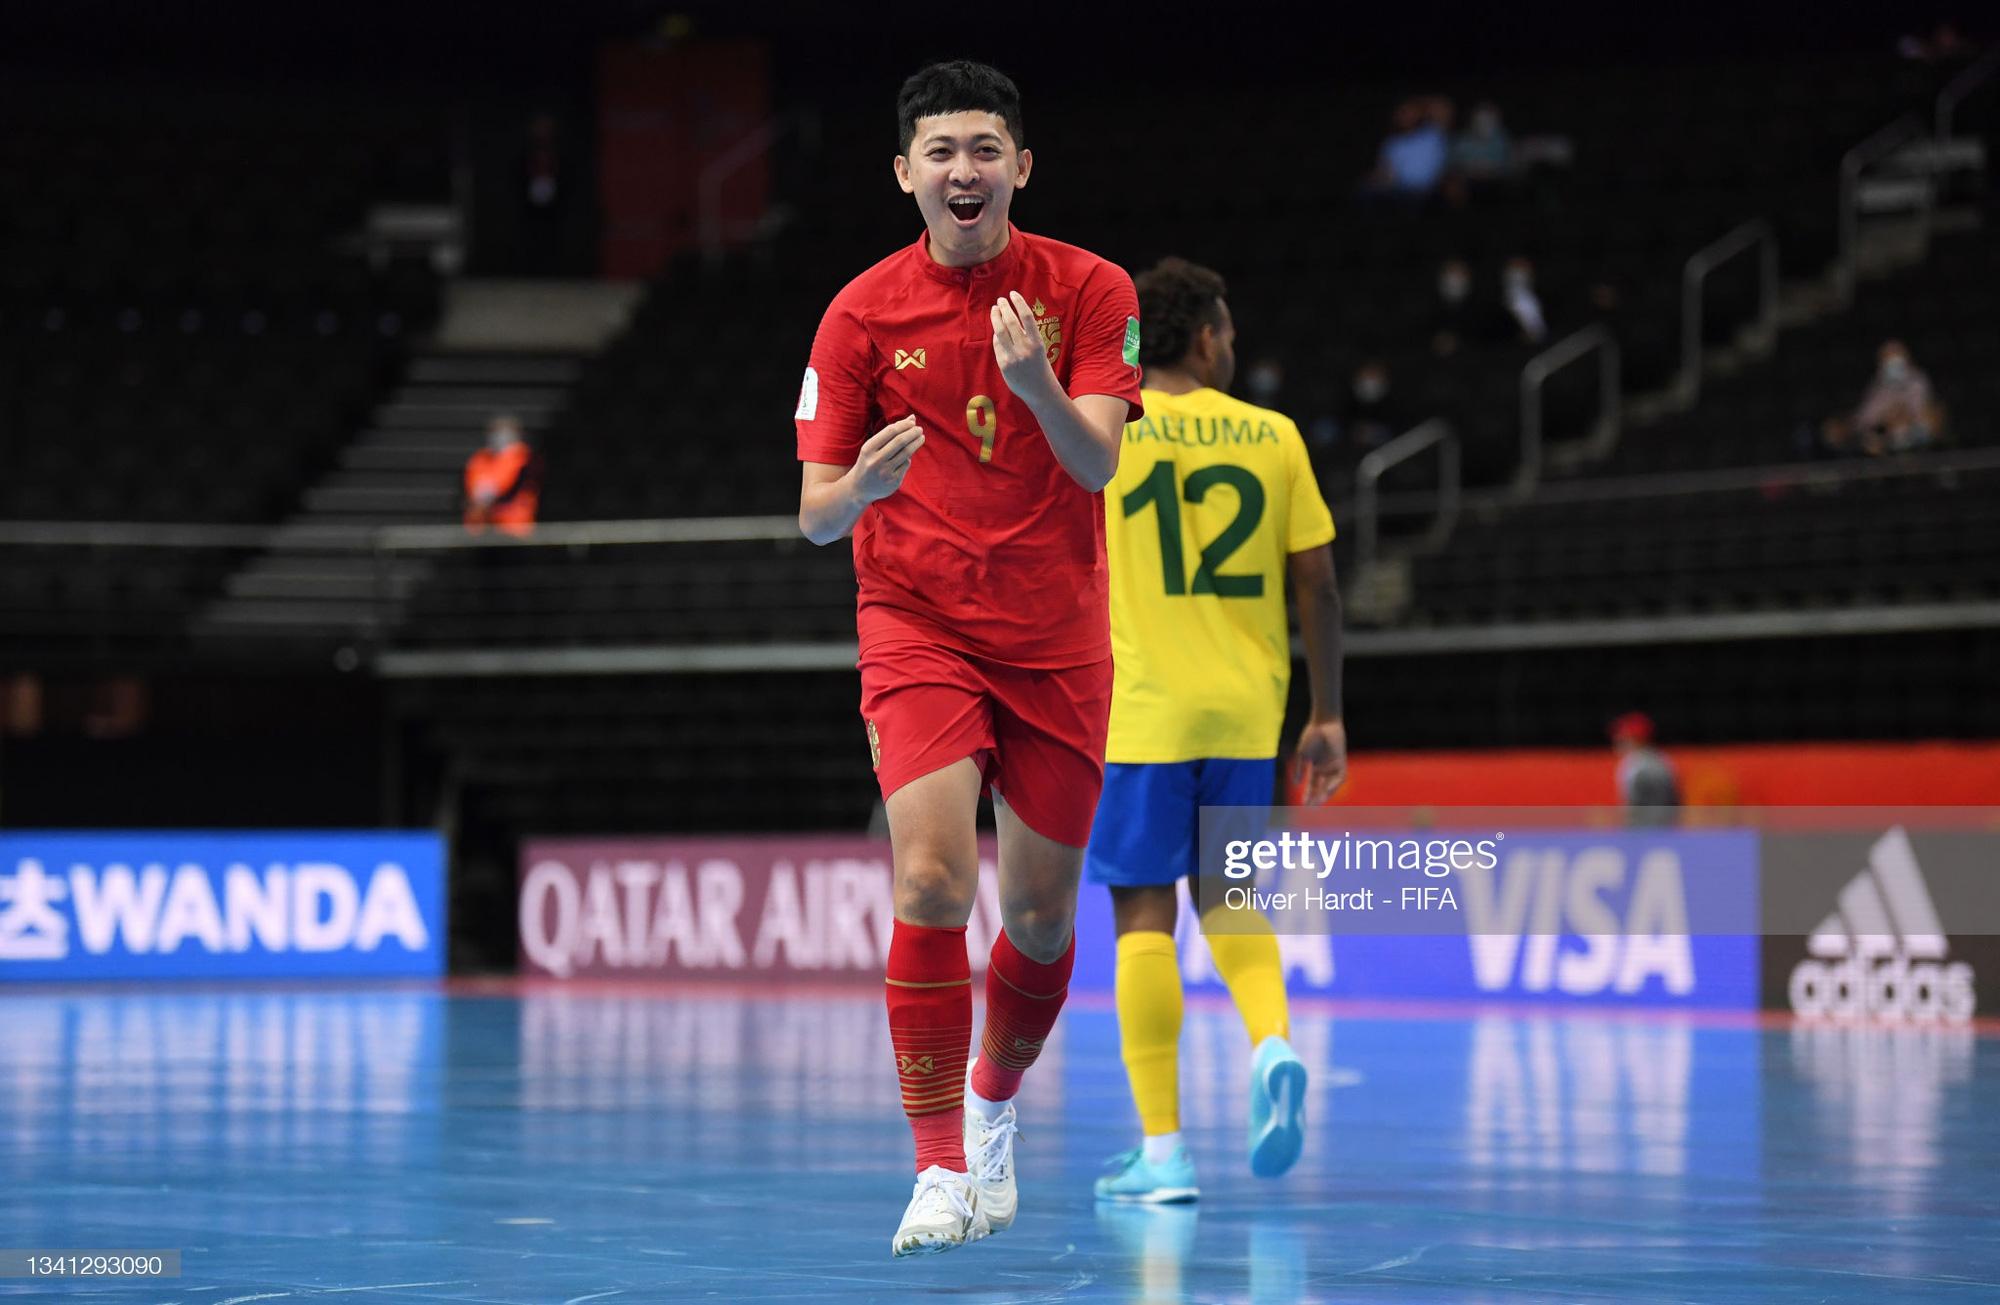 Fan Việt Nam và Thái Lan cùng ăn mừng khi 2 đội tuyển lọt vào vòng 16 đội Futsal World Cup 2021 - ảnh 1